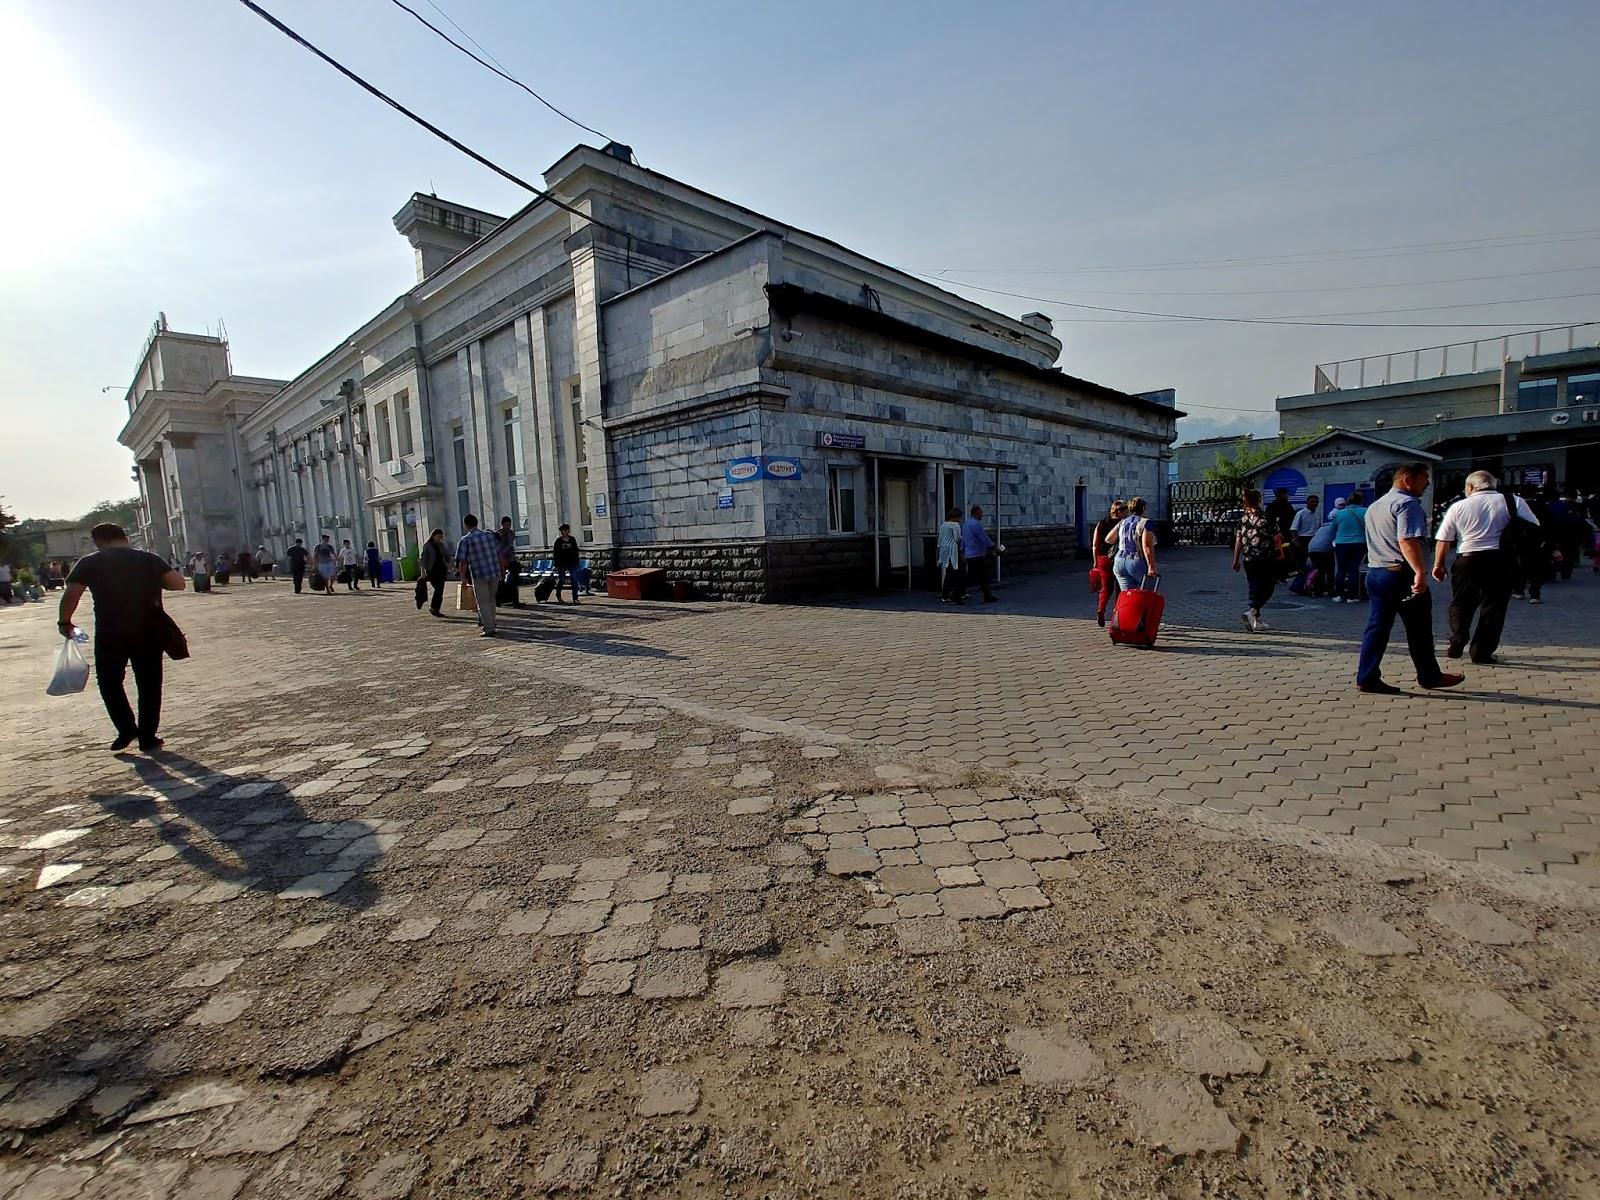 Dworzec Ałmaty 2 Kazachstan